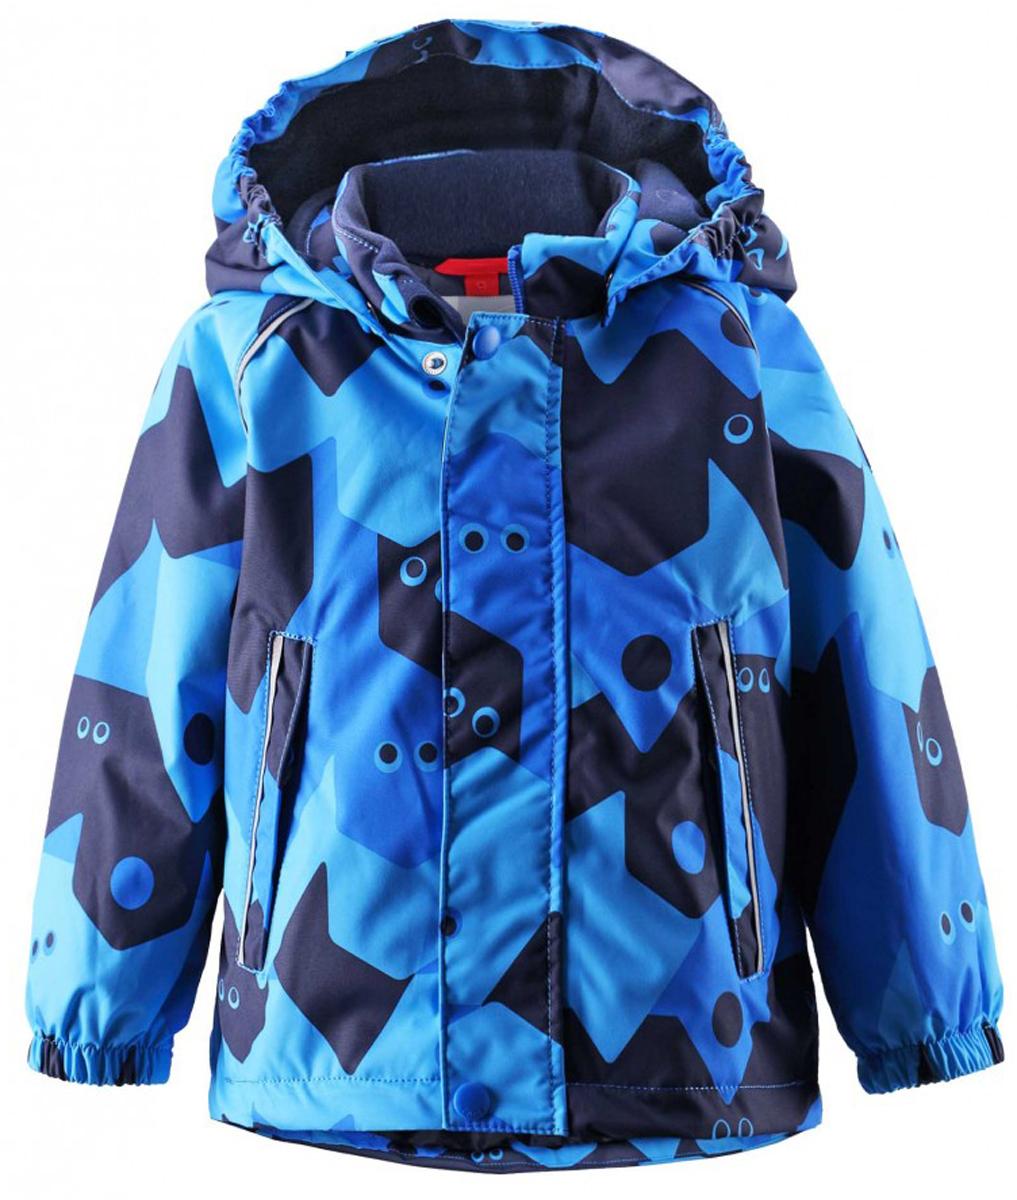 Куртка511229C-6561Непромокаемая зимняя куртка для малышей с веселым рисунком просто создана для зимних приключений! Она изготовлена из водо- и ветронепроницаемого материала с грязеотталкивающей поверхностью. Все швы в куртке Reimatec проклеены и водонепроницаемы, так что непогода не помешает веселым зимним играм! Материал хорошо пропускает воздух, сколько ни бегай - в этой куртке не вспотеешь. Куртку с подкладкой из гладкого полиэстера очень легко надевать и носить с теплым промежуточным слоем. С помощью удобной системы кнопок Play Layers к этой куртке можно присоединять разные модели флисовых курток, которые подарят вашему ребенку дополнительное тепло и комфорт в холодные дни. Съемный регулируемый капюшон защищает от пронизывающего ветра и безопасен во время игр на свежем воздухе. Кнопки легко отстегиваются, если капюшон случайно за что-нибудь зацепится. Капюшон с подкладкой из мягкого полиэстера с начесом. Карманы на молнии сохранят маленькие сокровища, найденные во время прогулки, а светоотражающие...